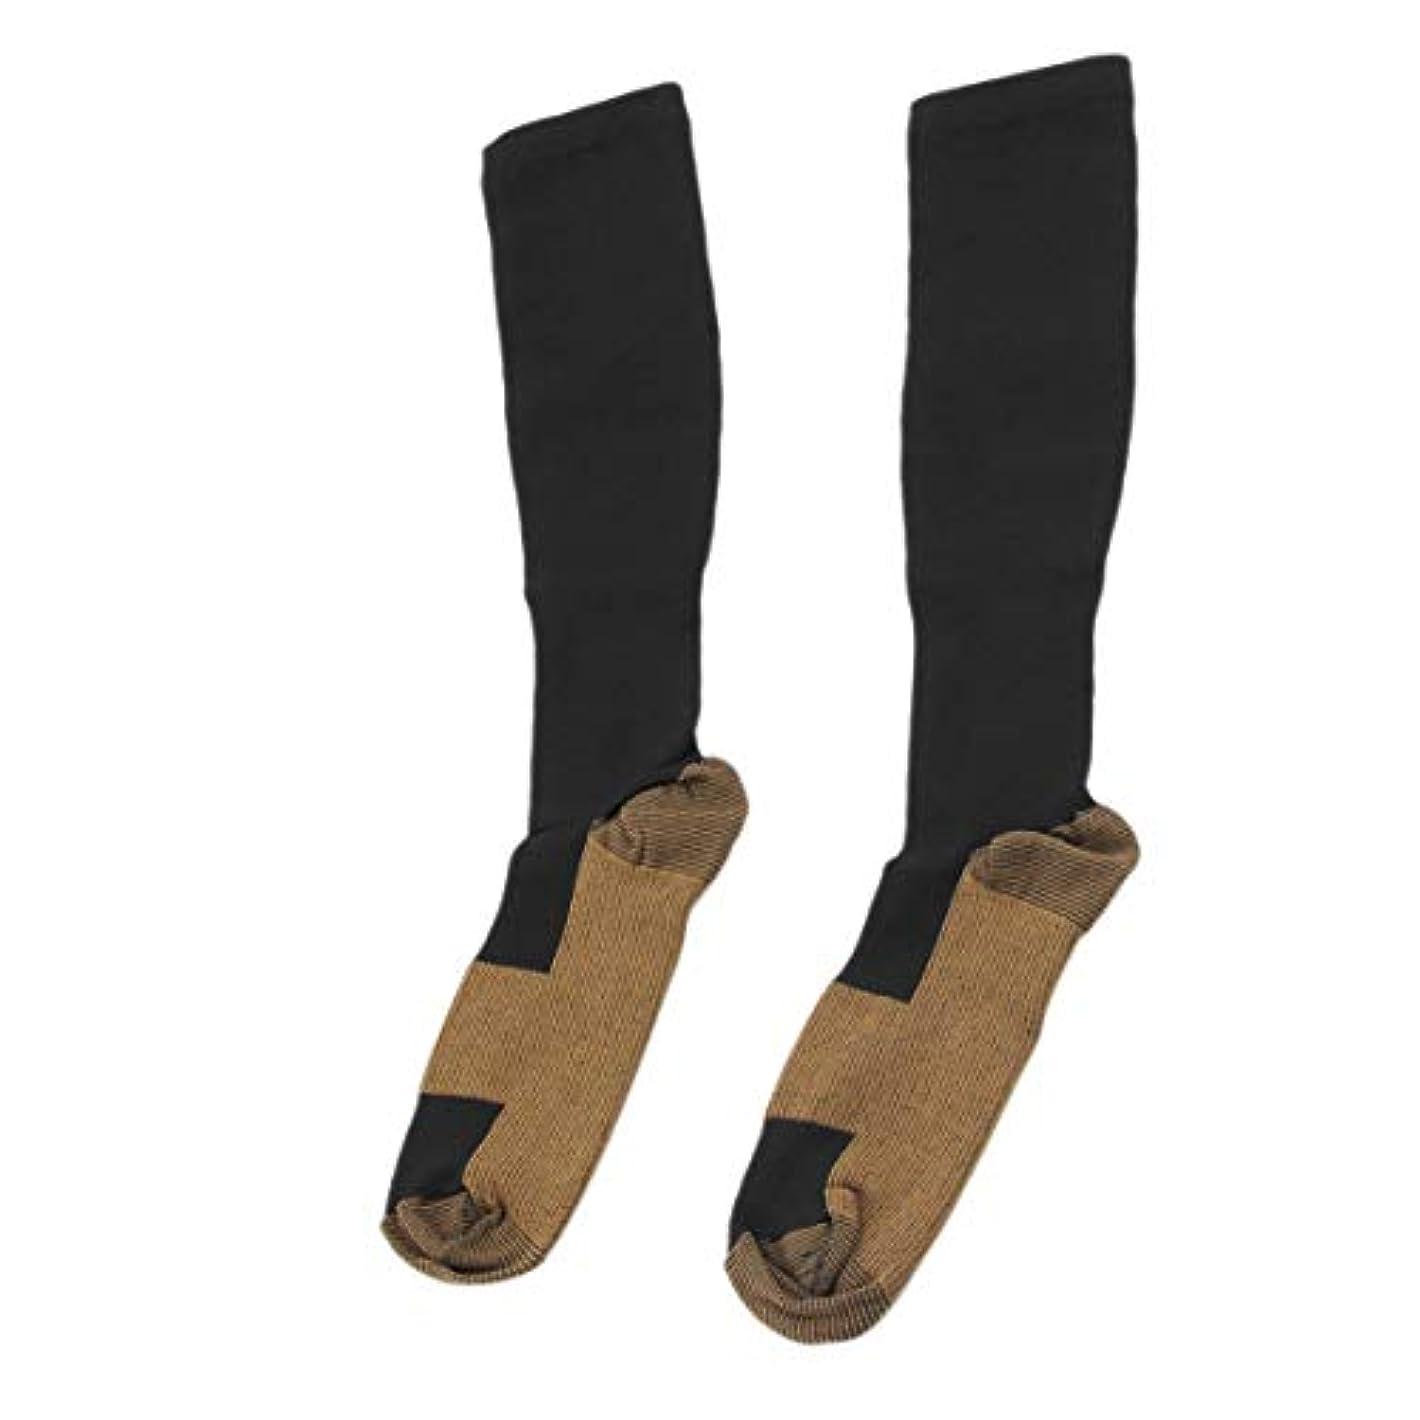 巨人休日モルヒネファッショナブルな快適な救済ソフト男性女性抗疲労圧縮靴下抗疲労静脈瘤ソックス - ブラックL